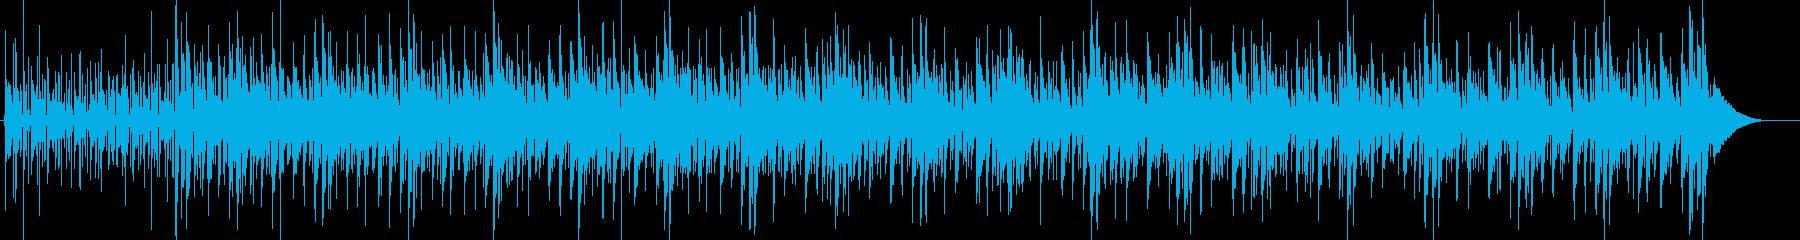 不良のアコギfunkブルース やさぐれの再生済みの波形